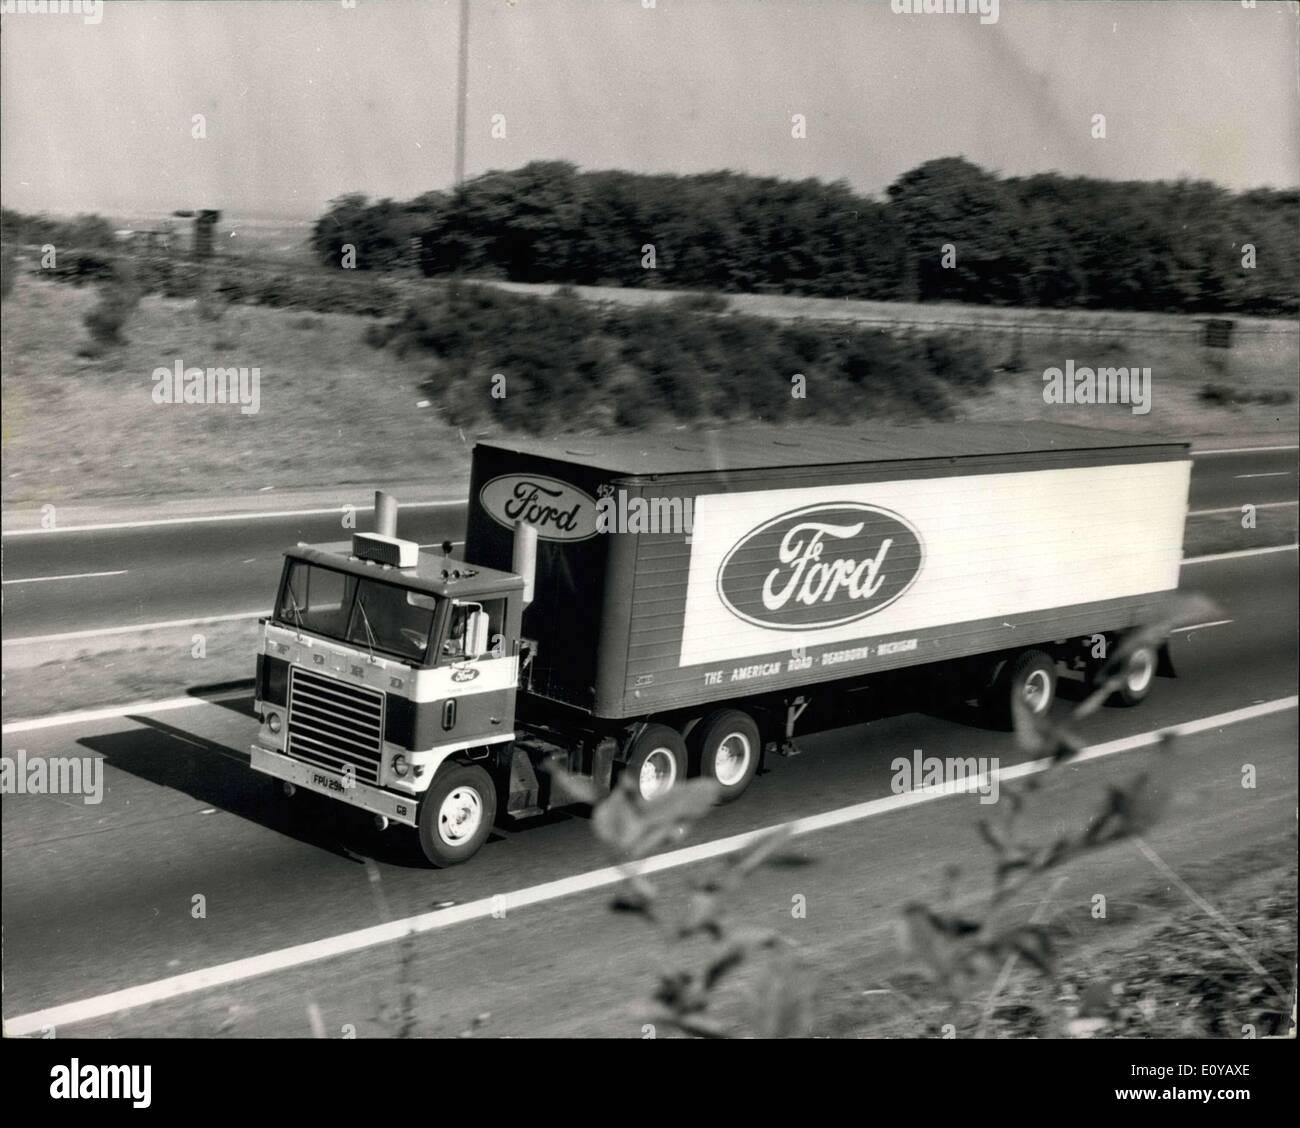 Ford Turbine Truck